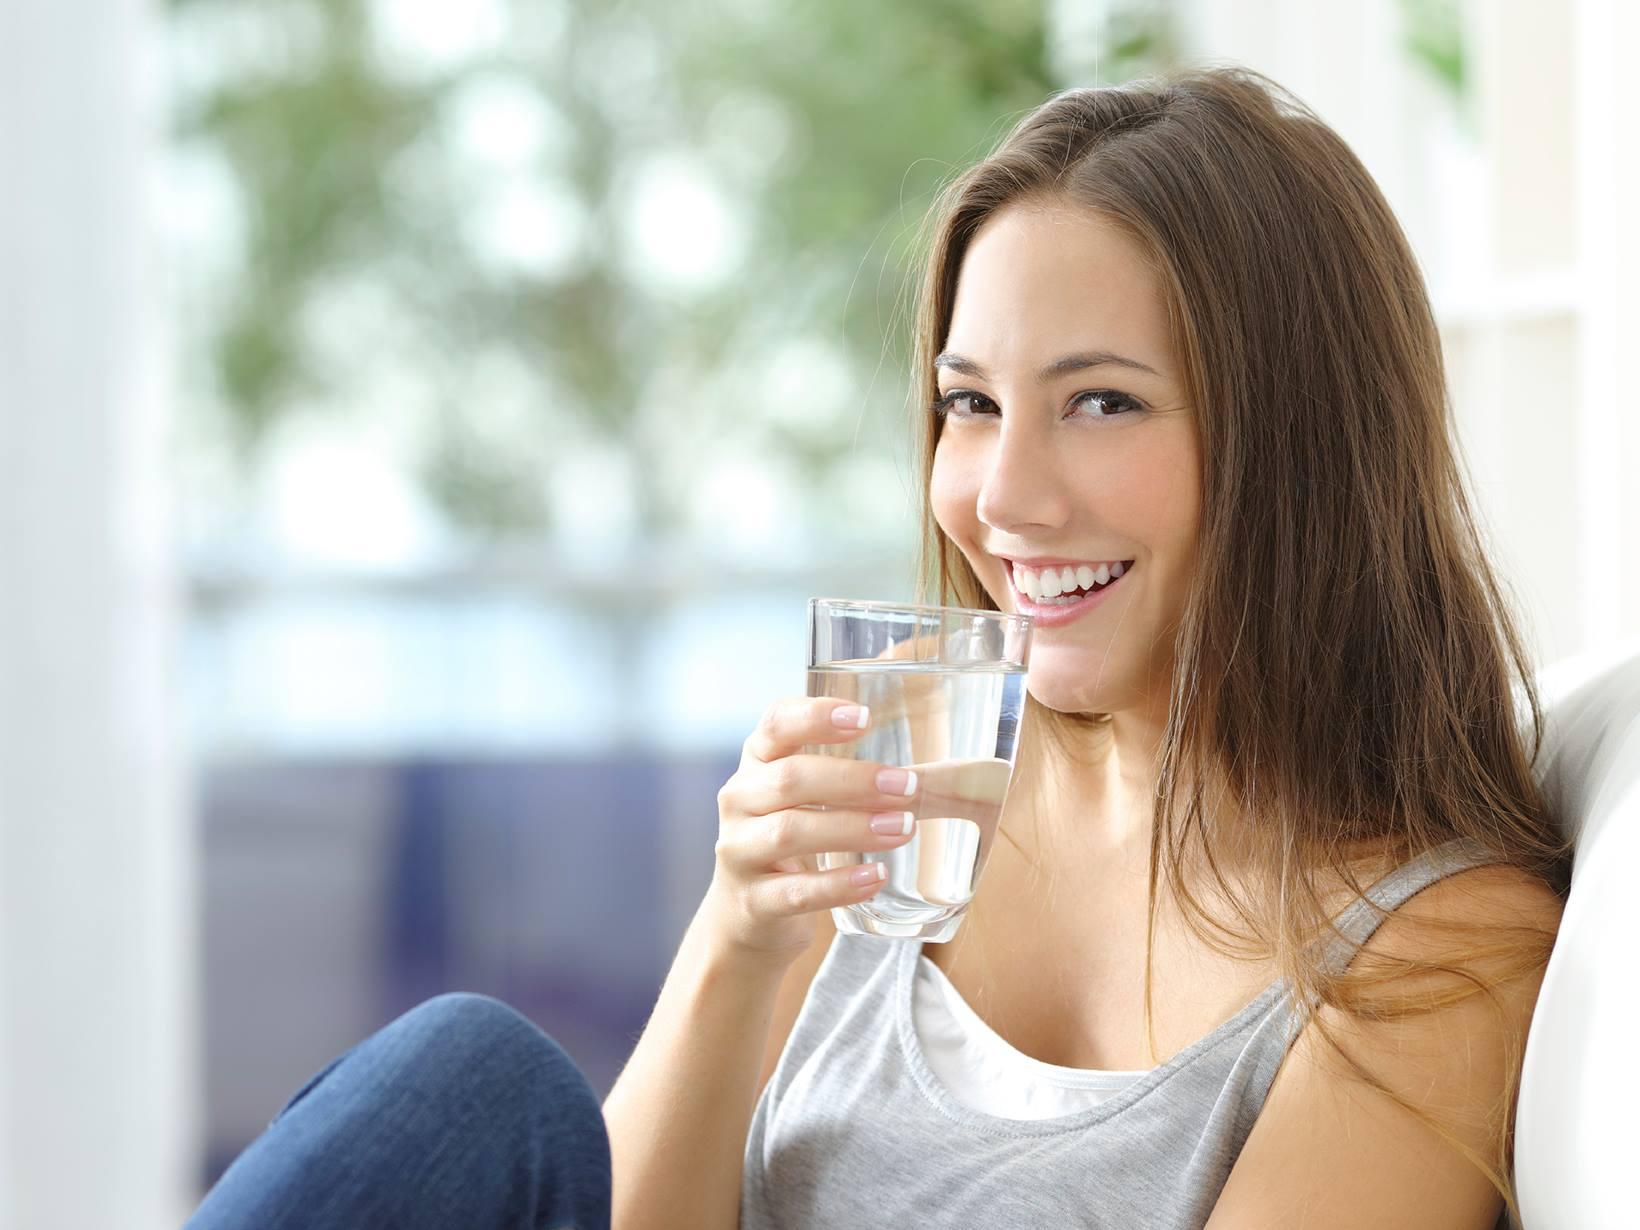 Những lợi ích của nước lọc với sức khỏe của bạn